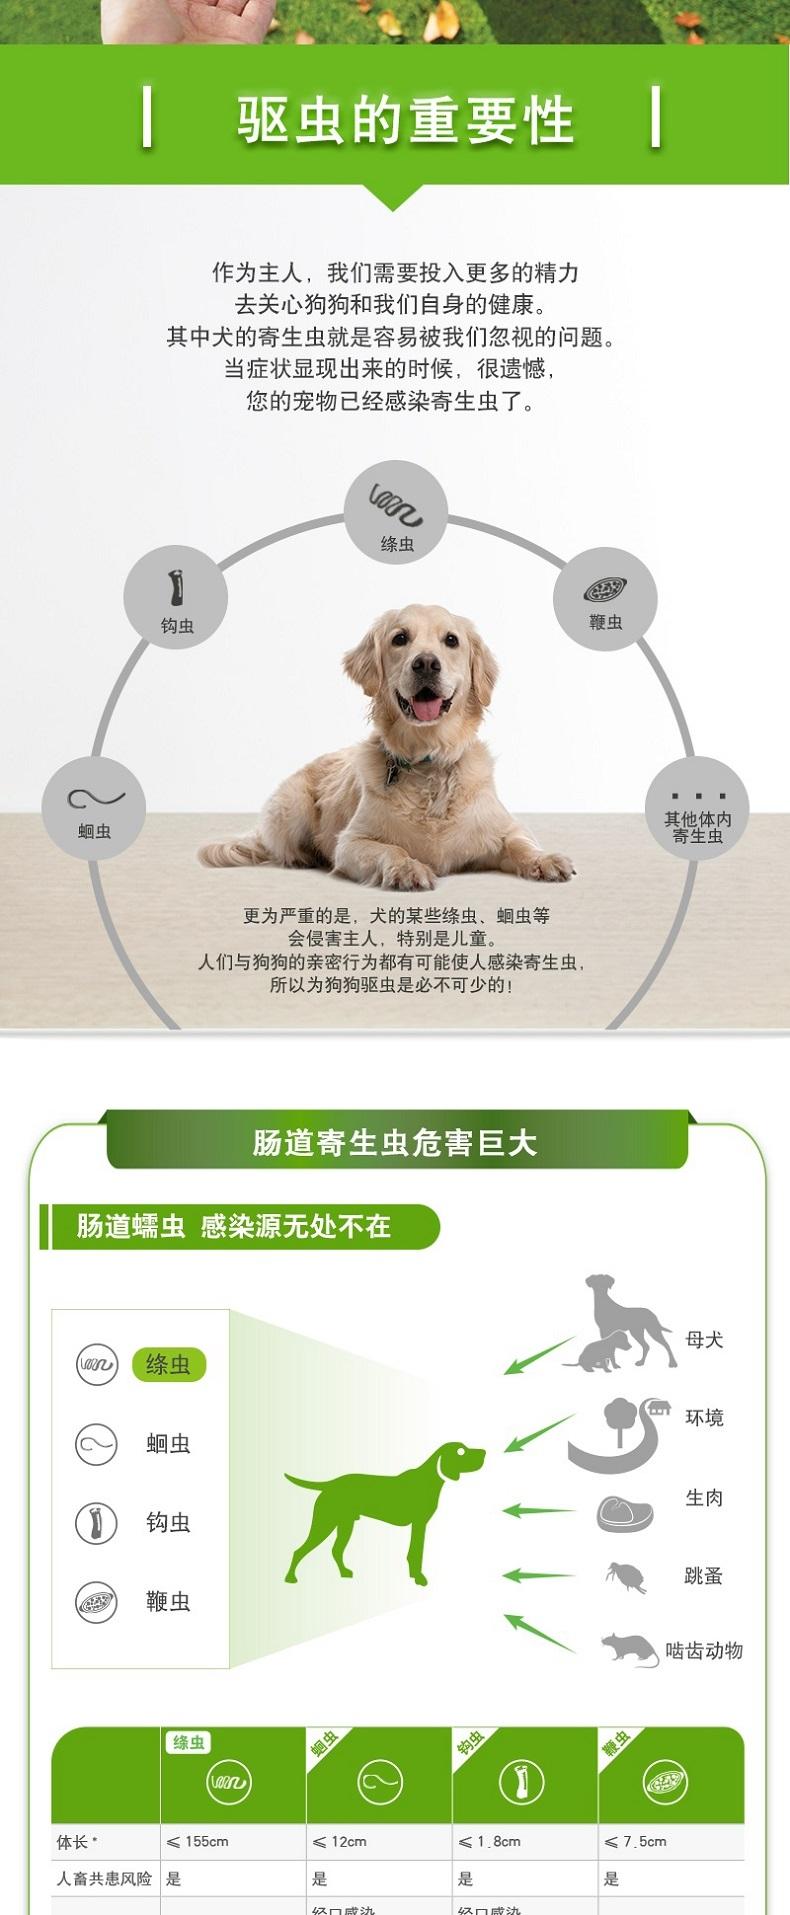 拜宠清 犬用体内驱虫 口服  单片装/可三个月喂一次  德国进口